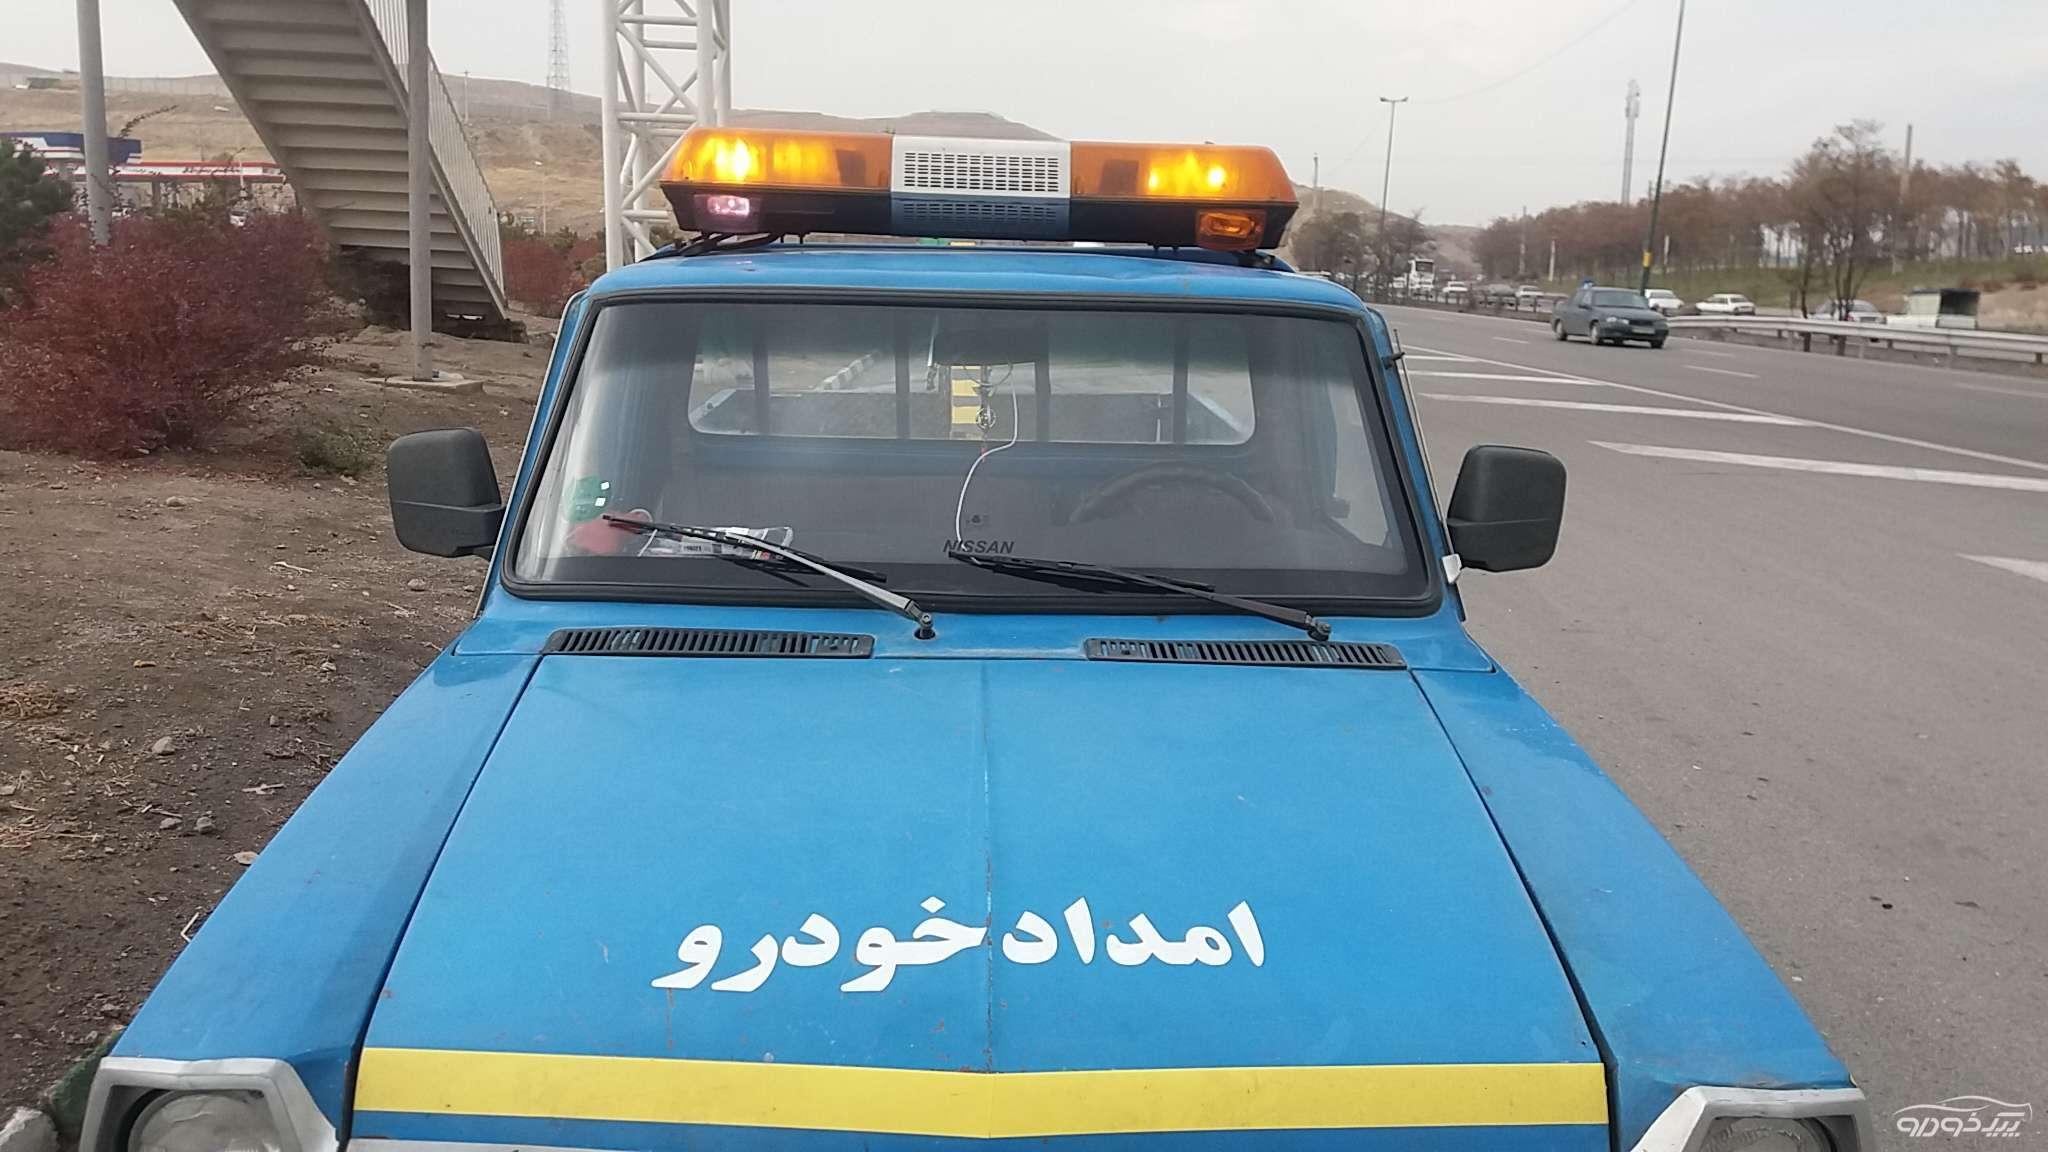 امداد خودرو یدک کش خودروبر جرثقیل شبانه روزی تبریز